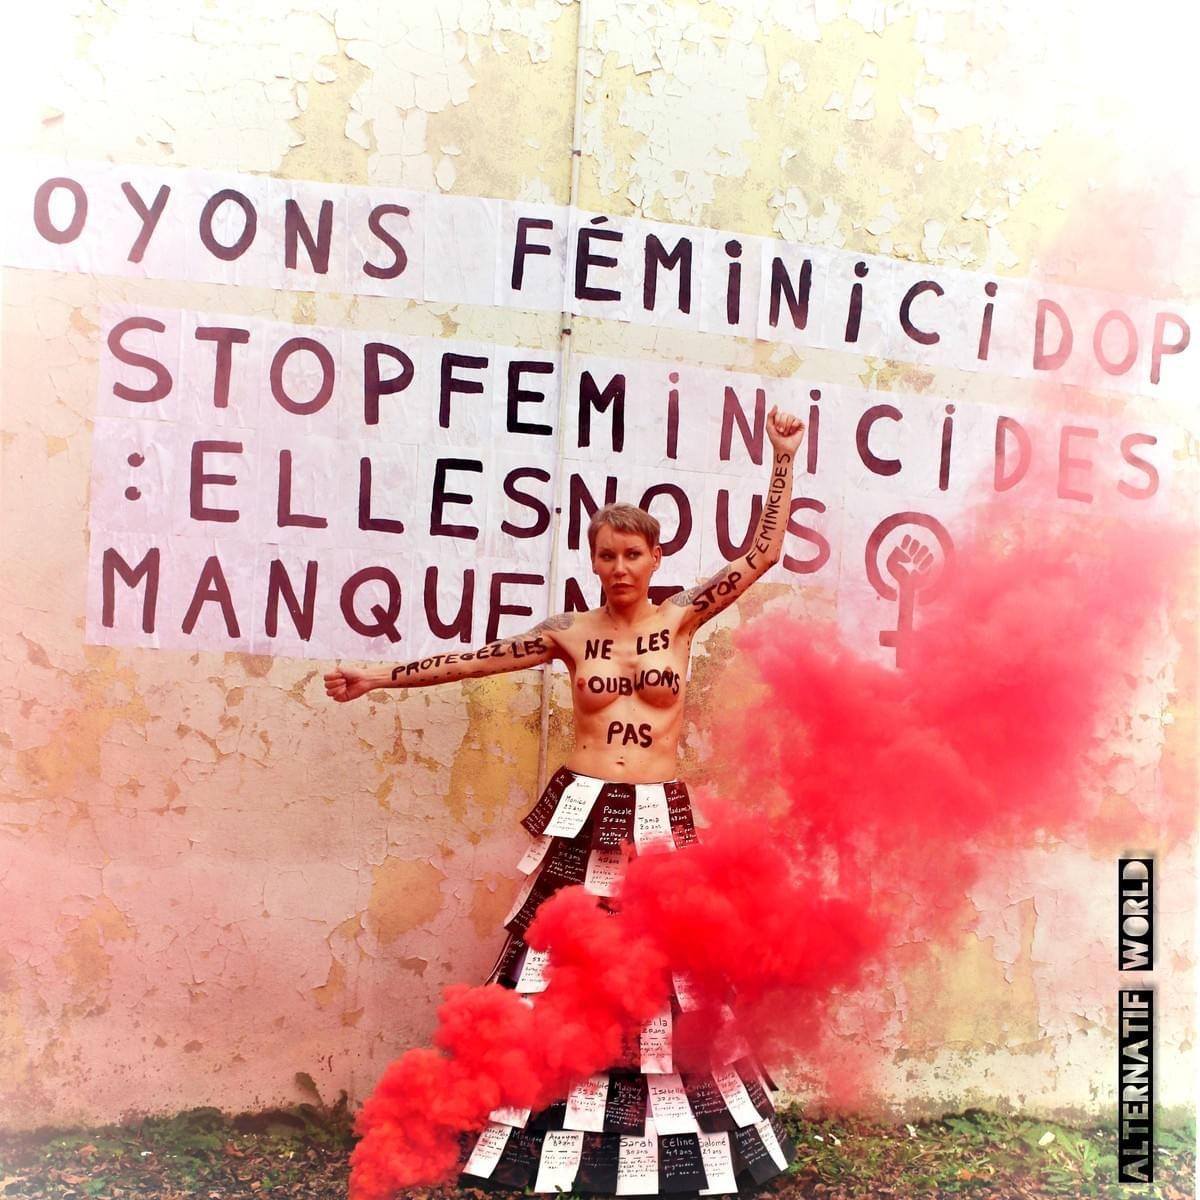 Alternatif world mène l'action féministe : soyons féminicidophobe. Contre les féminicides, collages, création robe femmage aux victimes.  #activisme #féminisme #féministe #féminicides #collages #alternatifworld #girlpower #florencejacquet